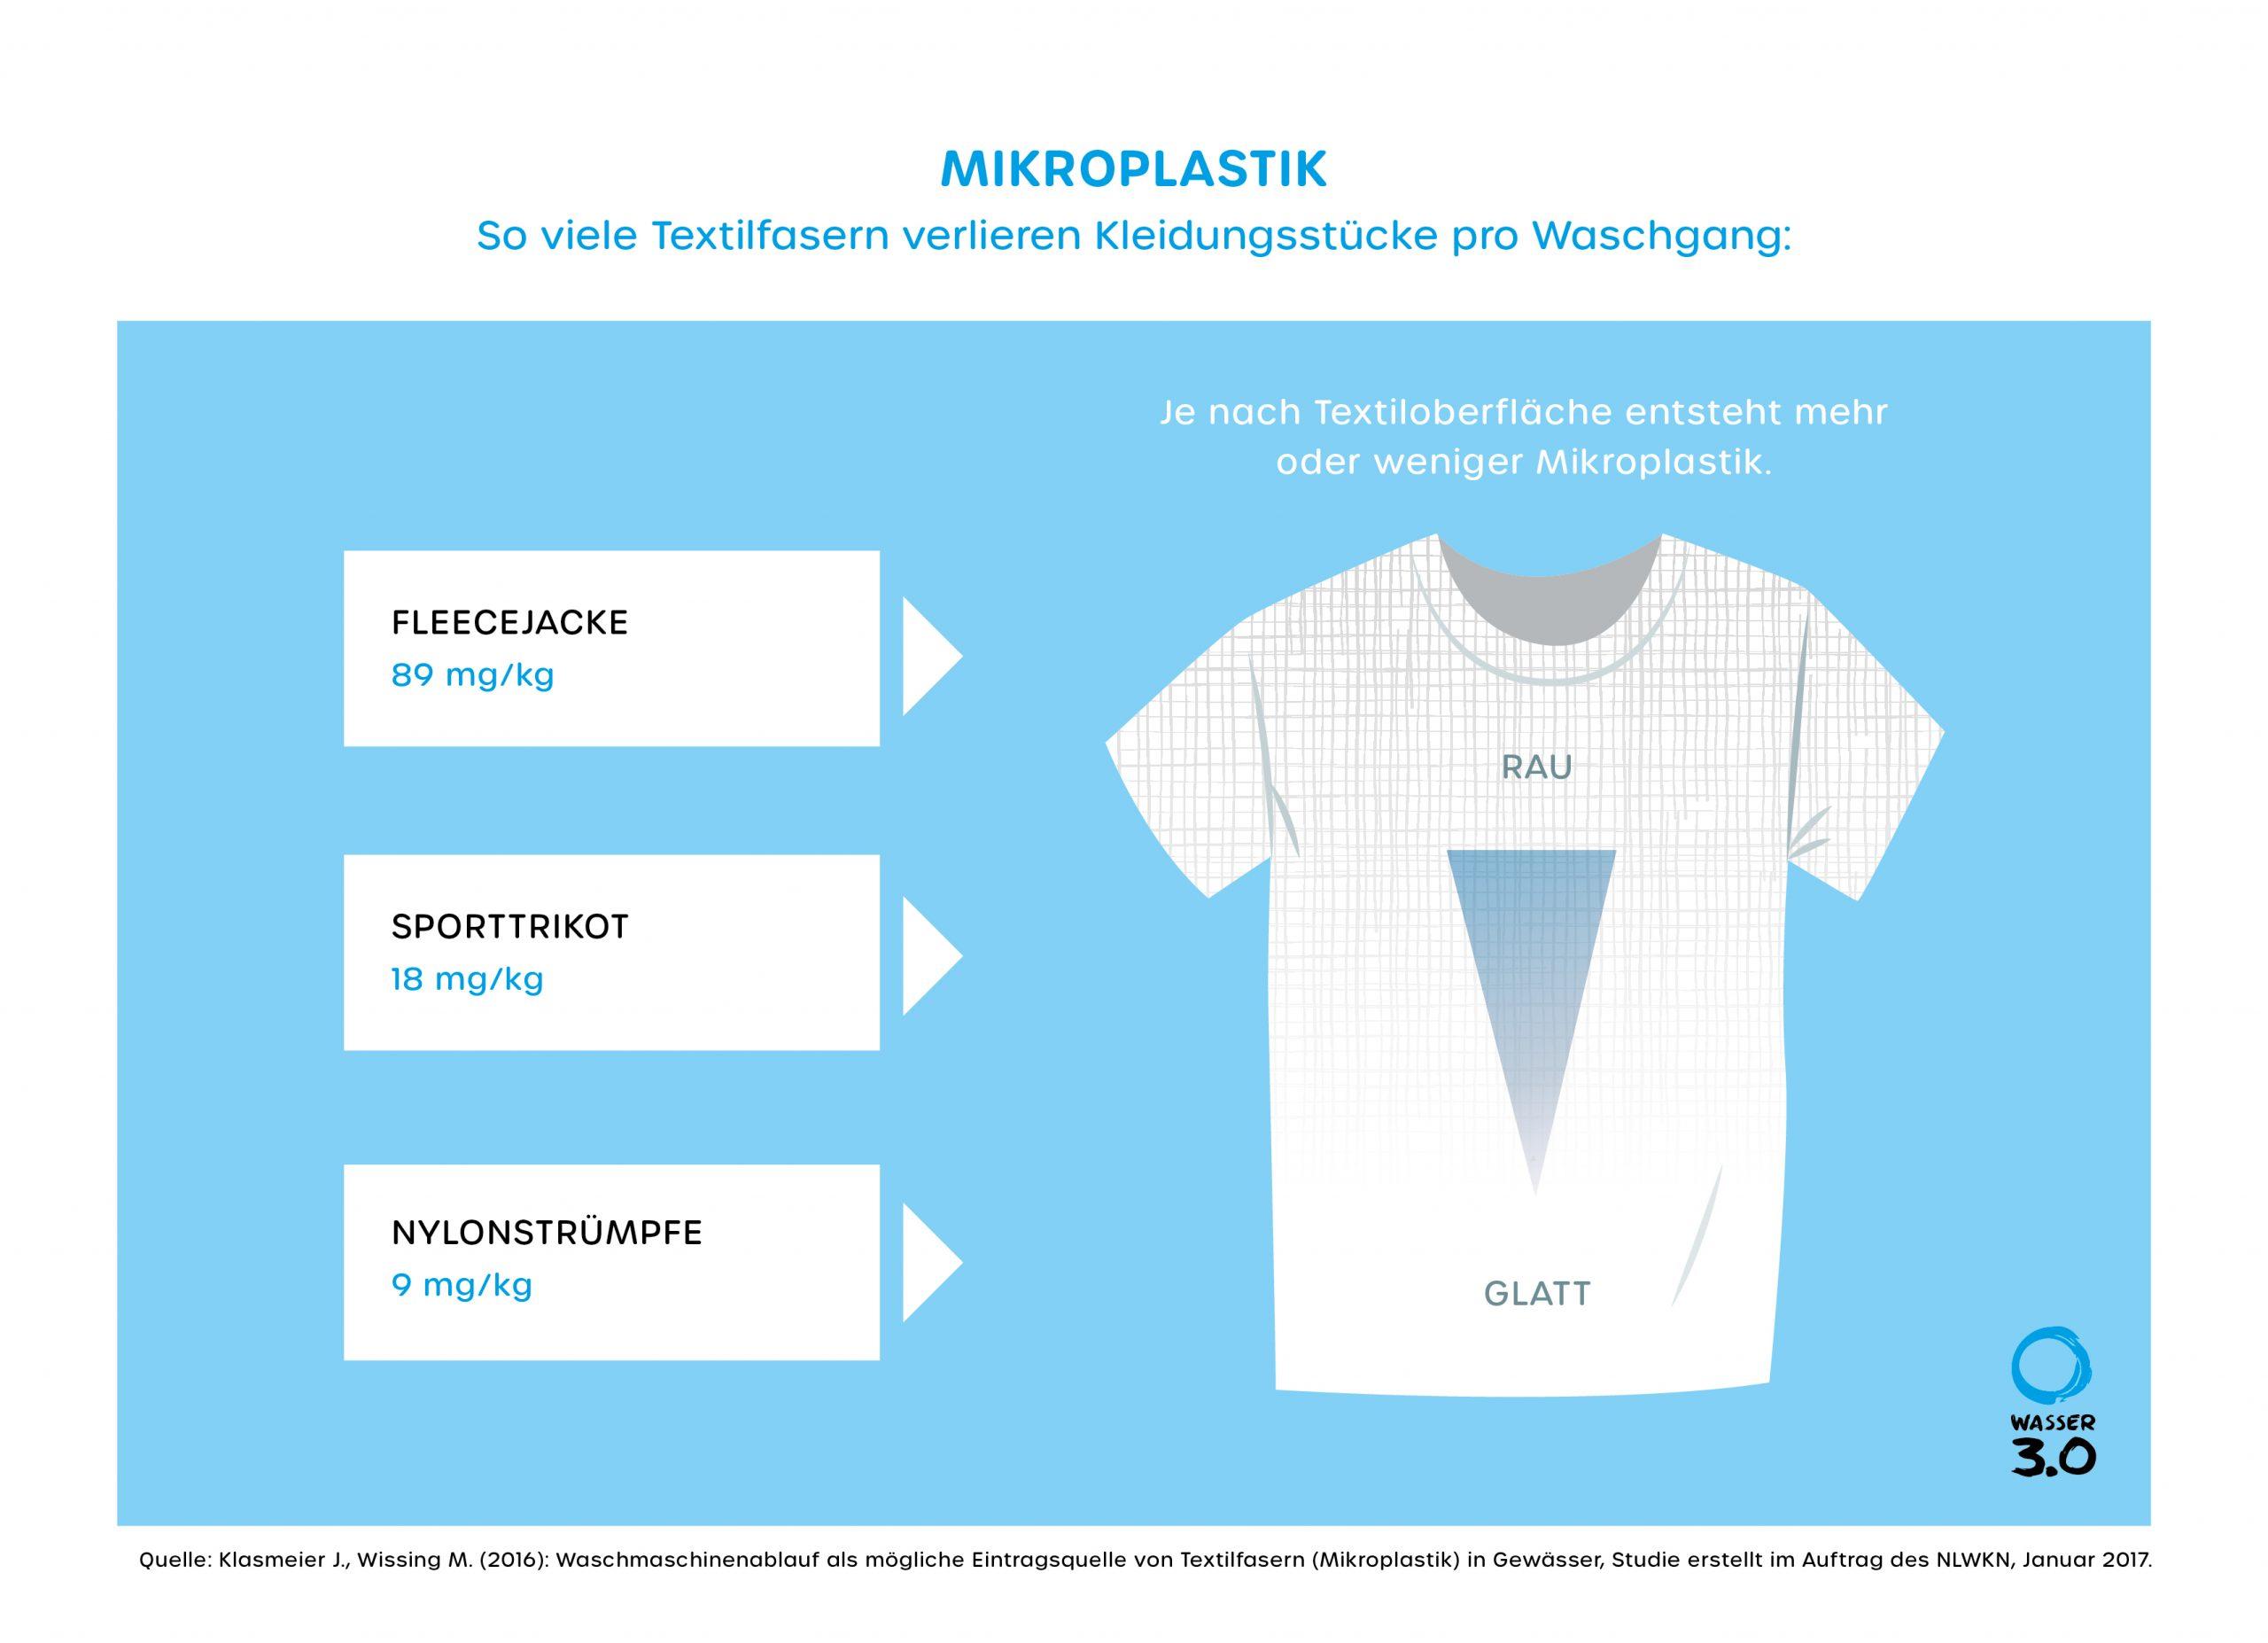 Mikroplastik aus der Waschmaschine - so viel Mikroplastik verlieren Kleidungsstücke während des Waschgangs